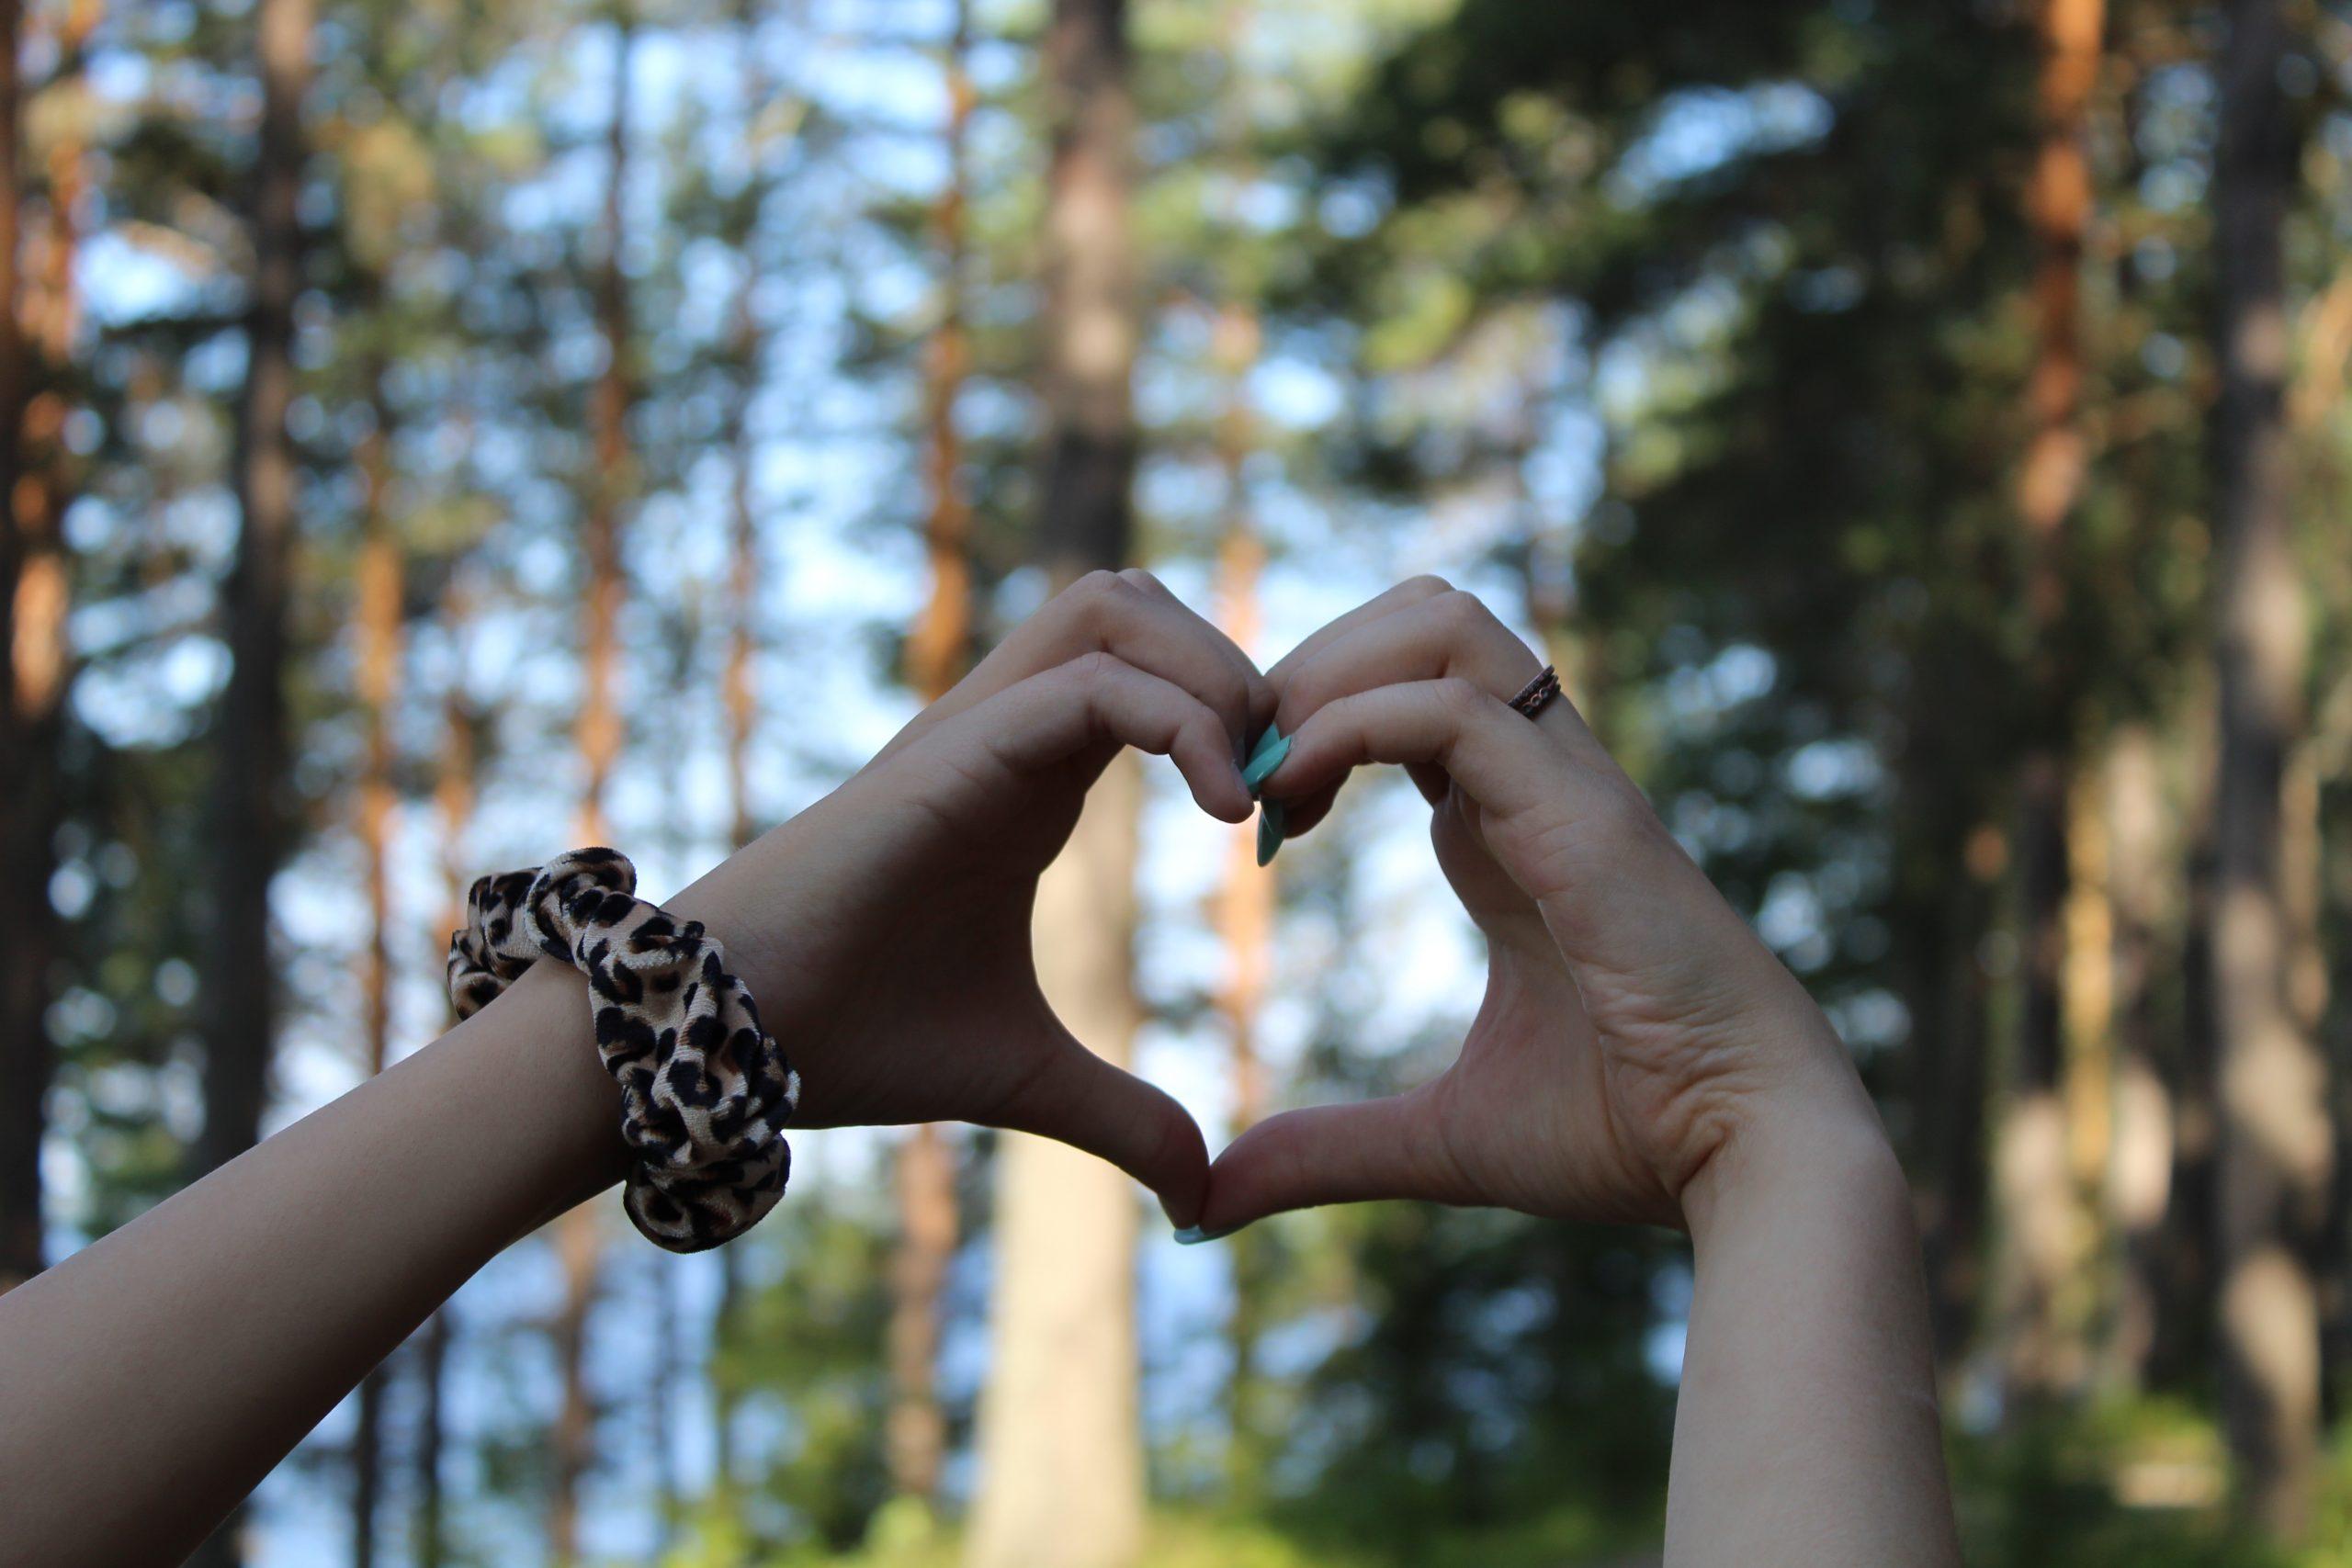 Käsillä havainnollistettu sydän